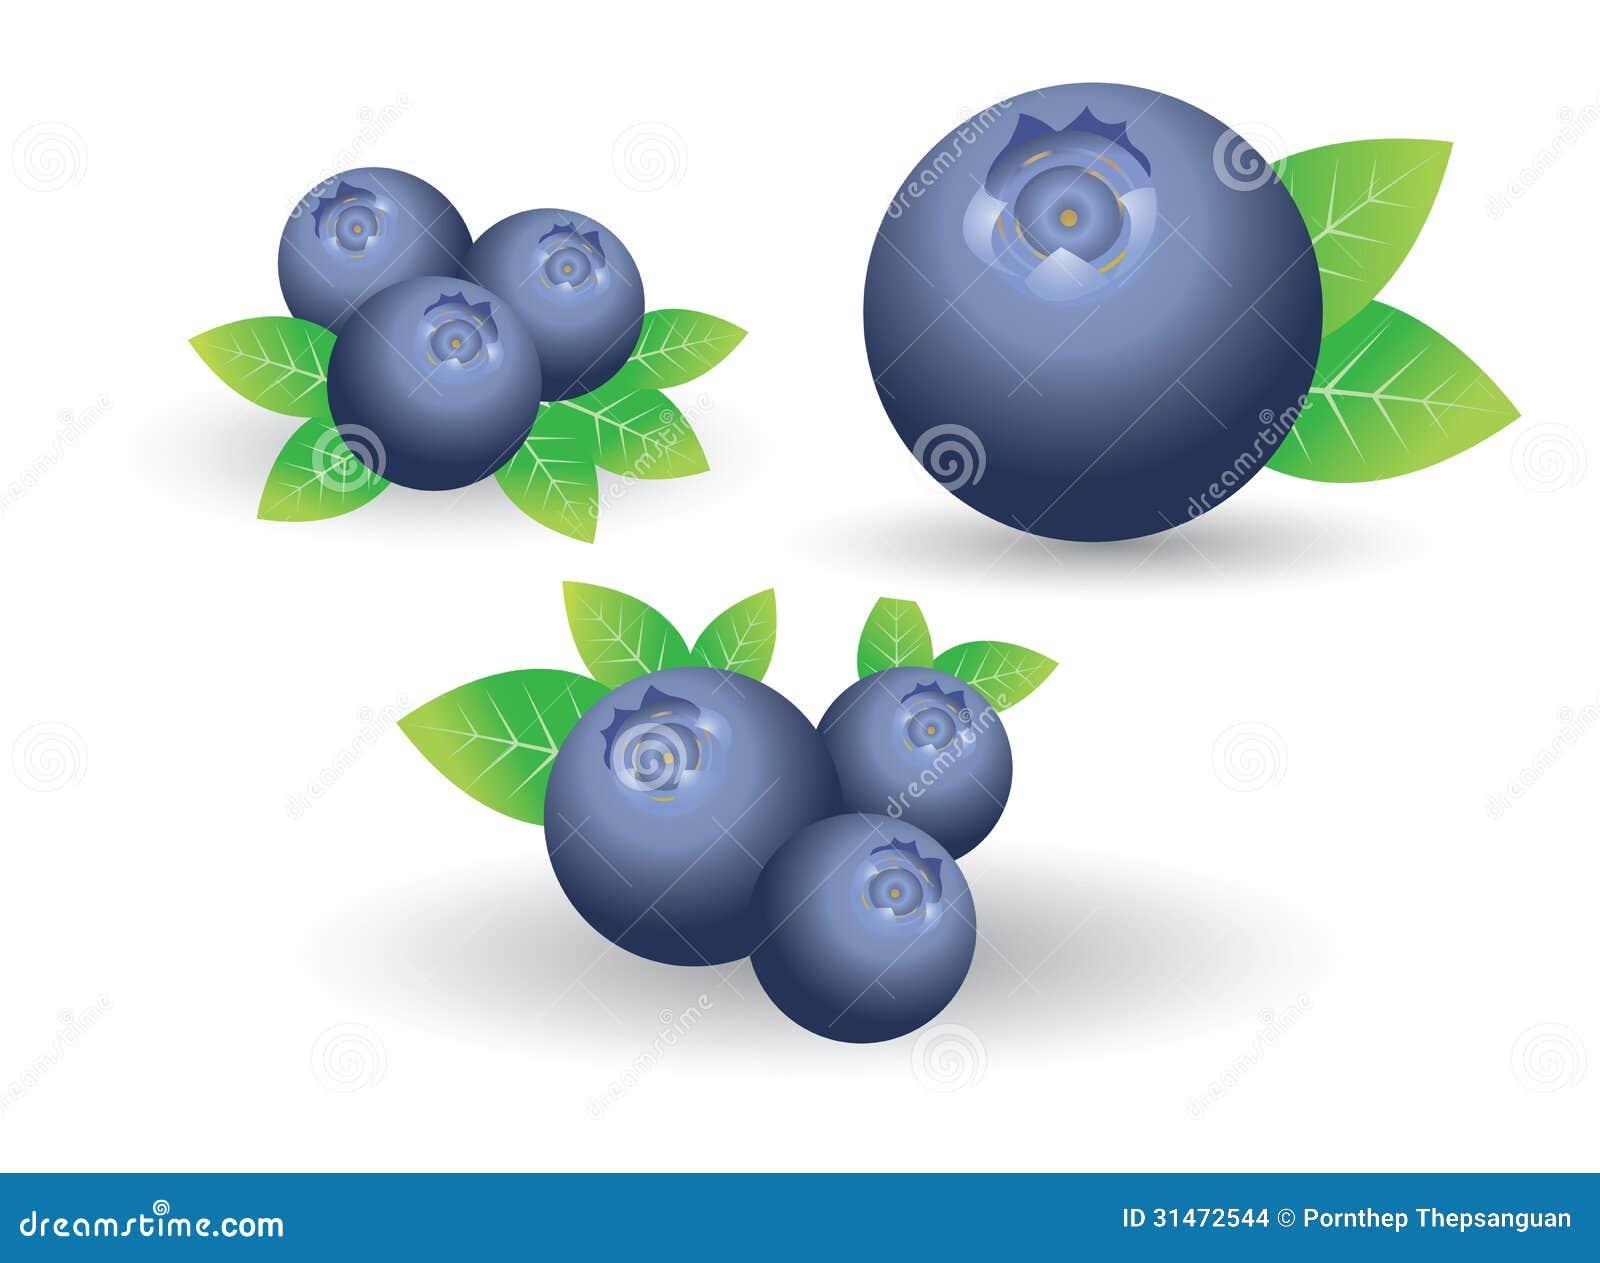 Blueberry Clip Art Blueberry vector on white